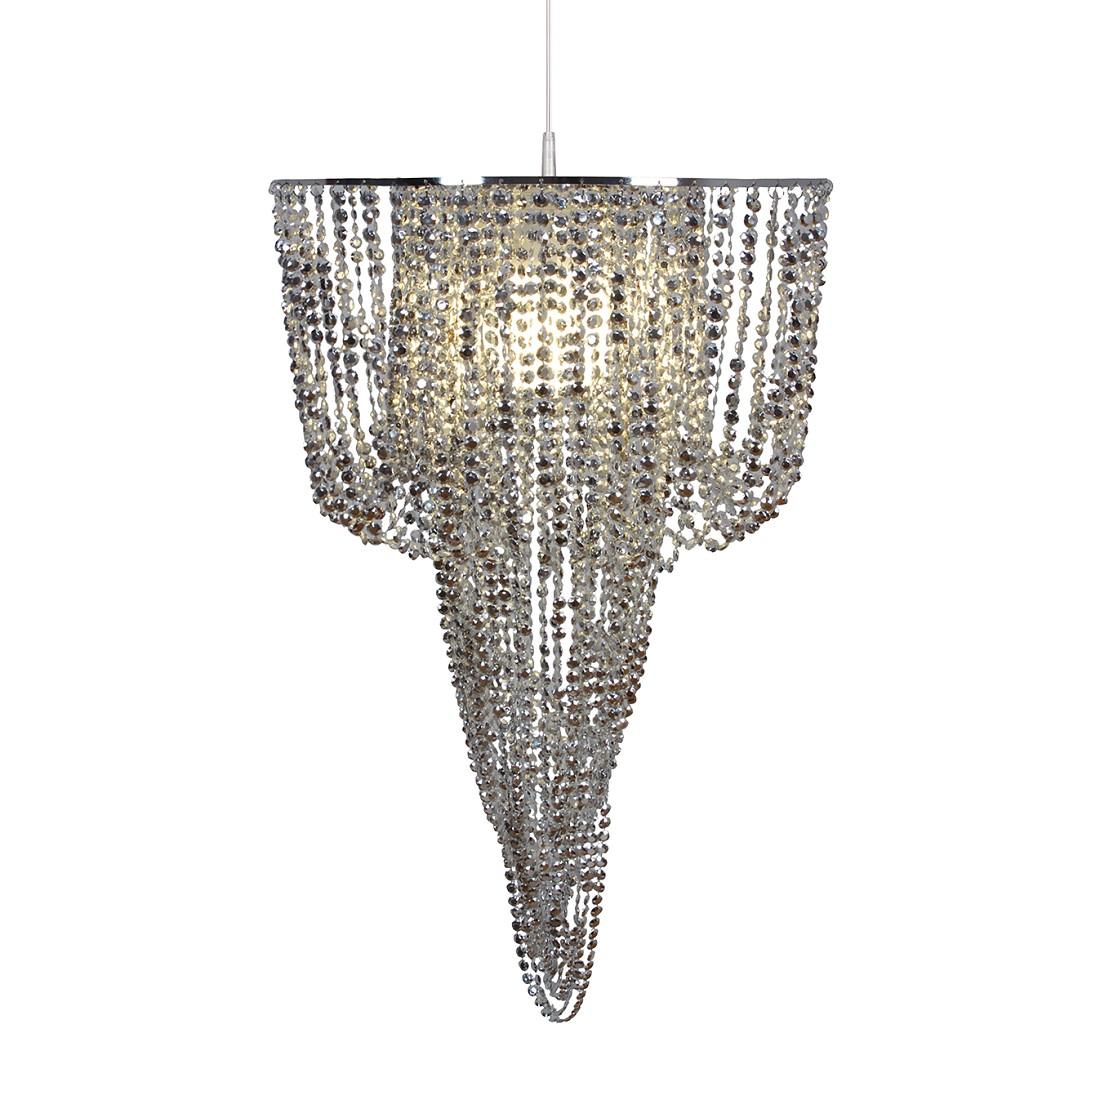 pendelleuchte fancy metall acryl silber 1 flammig n ve g nstig kaufen. Black Bedroom Furniture Sets. Home Design Ideas